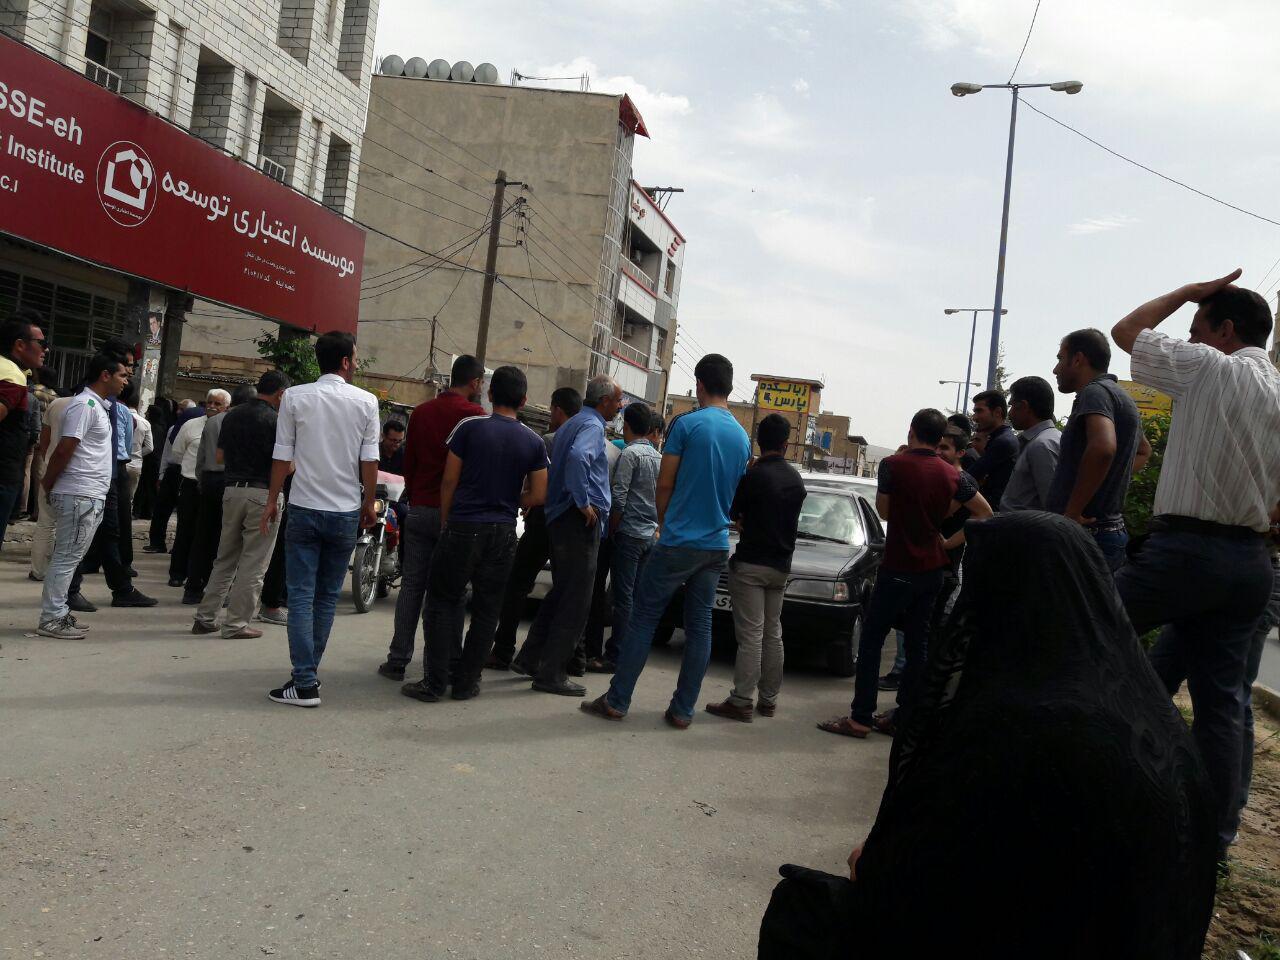 ادامه اعتراضات و تجمع سپردهگذاران ایذهای در مقابل موسسه آرمان